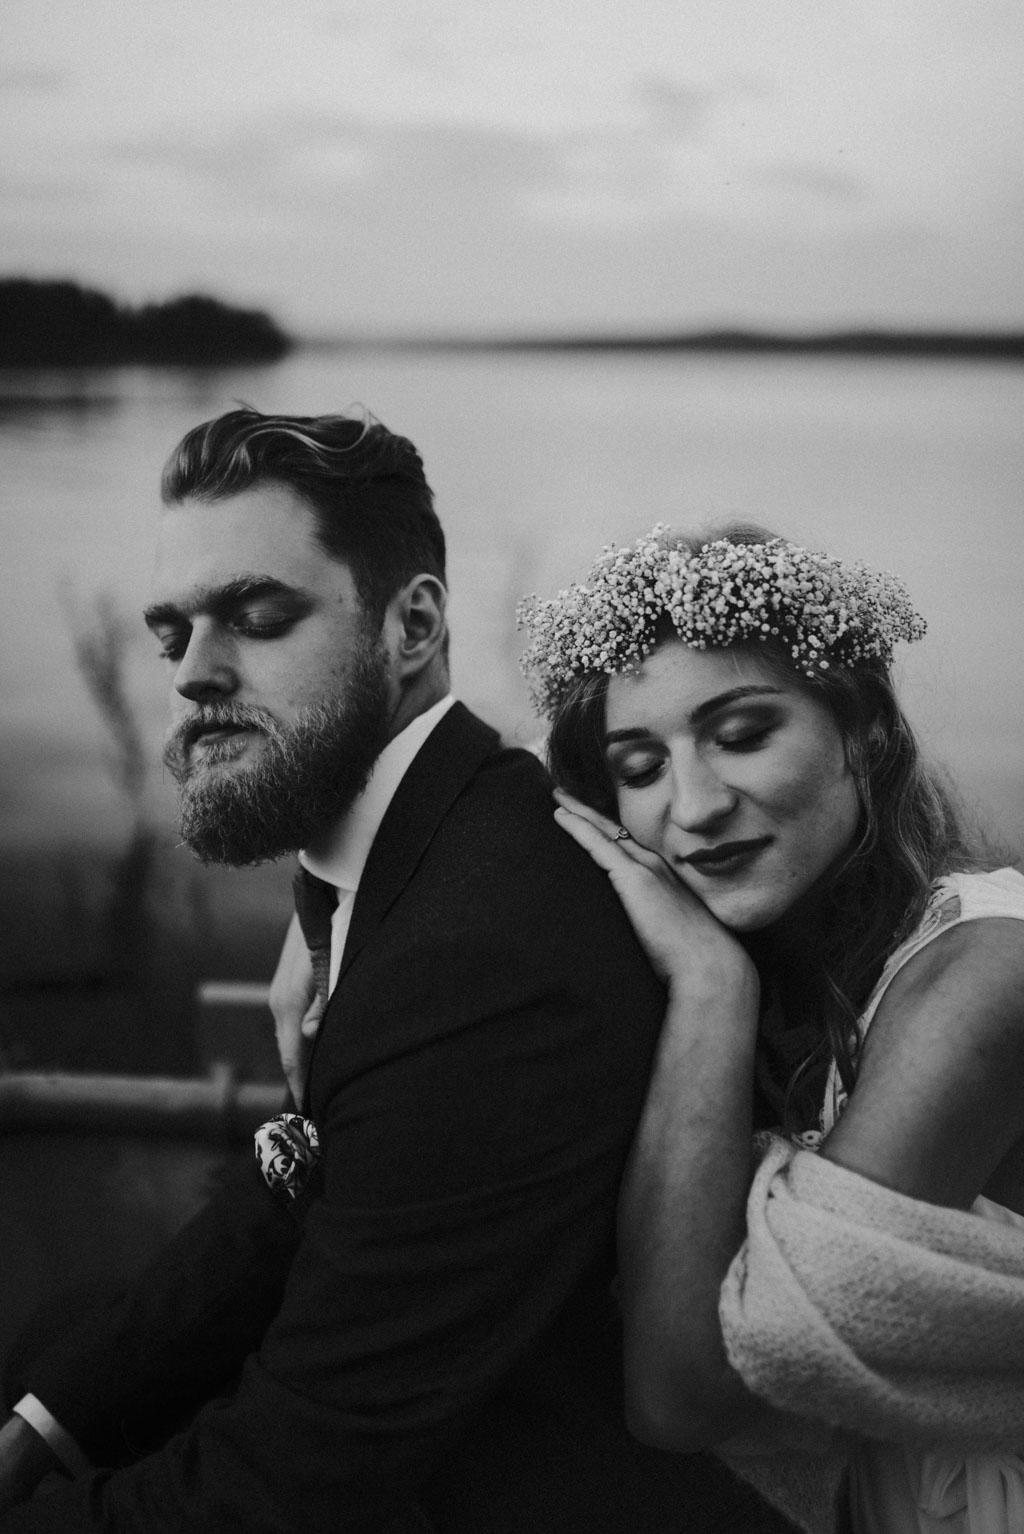 sesja rodzinna sesja ciążowa sesja poślubna plener na łódce jezioro pytlikbak portret ślubny